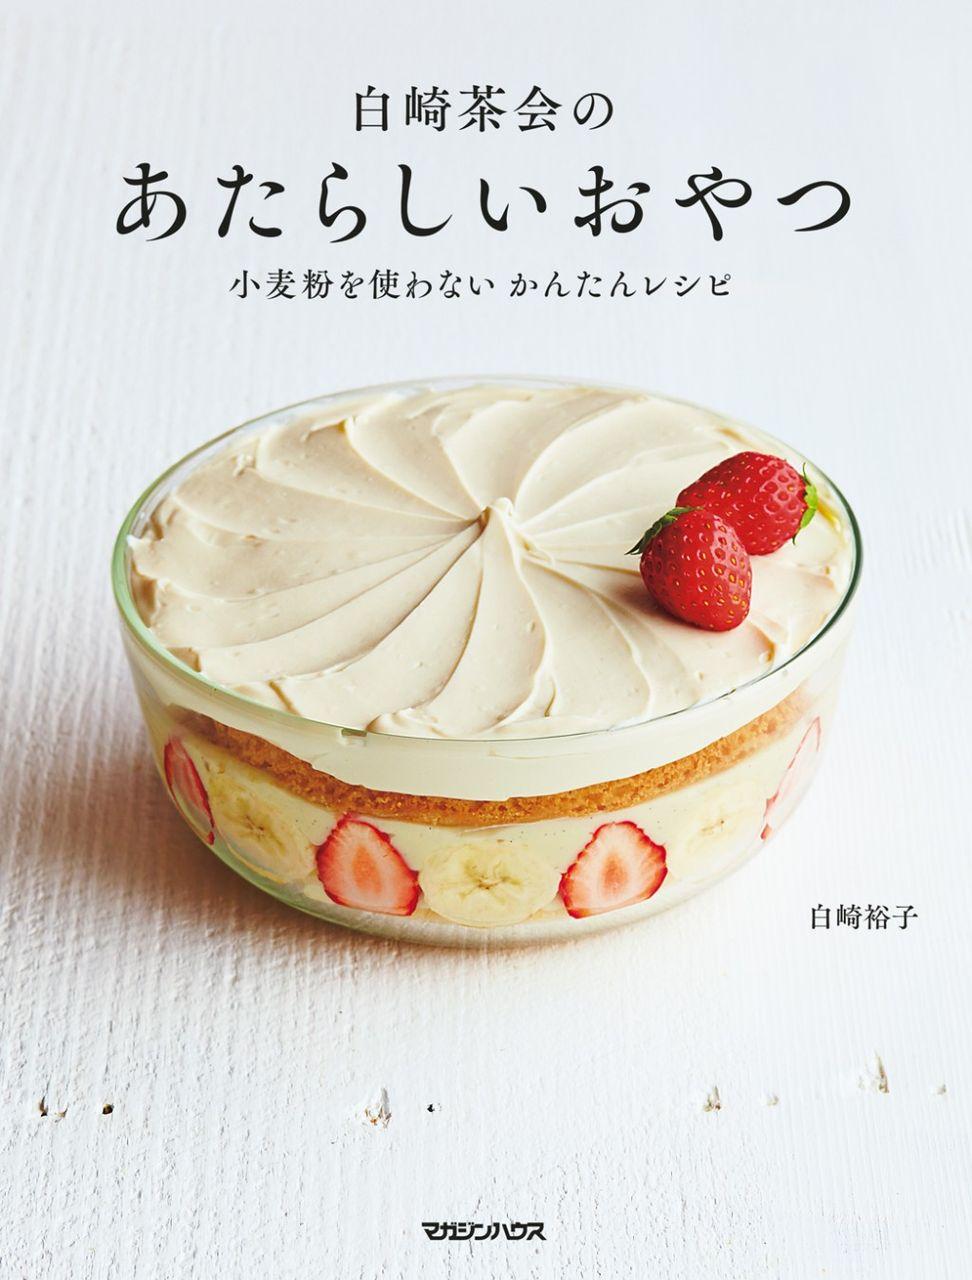 グルテンフリーのケーキが、こんなにふわふわでおいしいなんて!~マガジンハウス担当者の今推し本『白崎茶会のあたらしいおやつ 小麦粉を使わない かんたんレシピ』